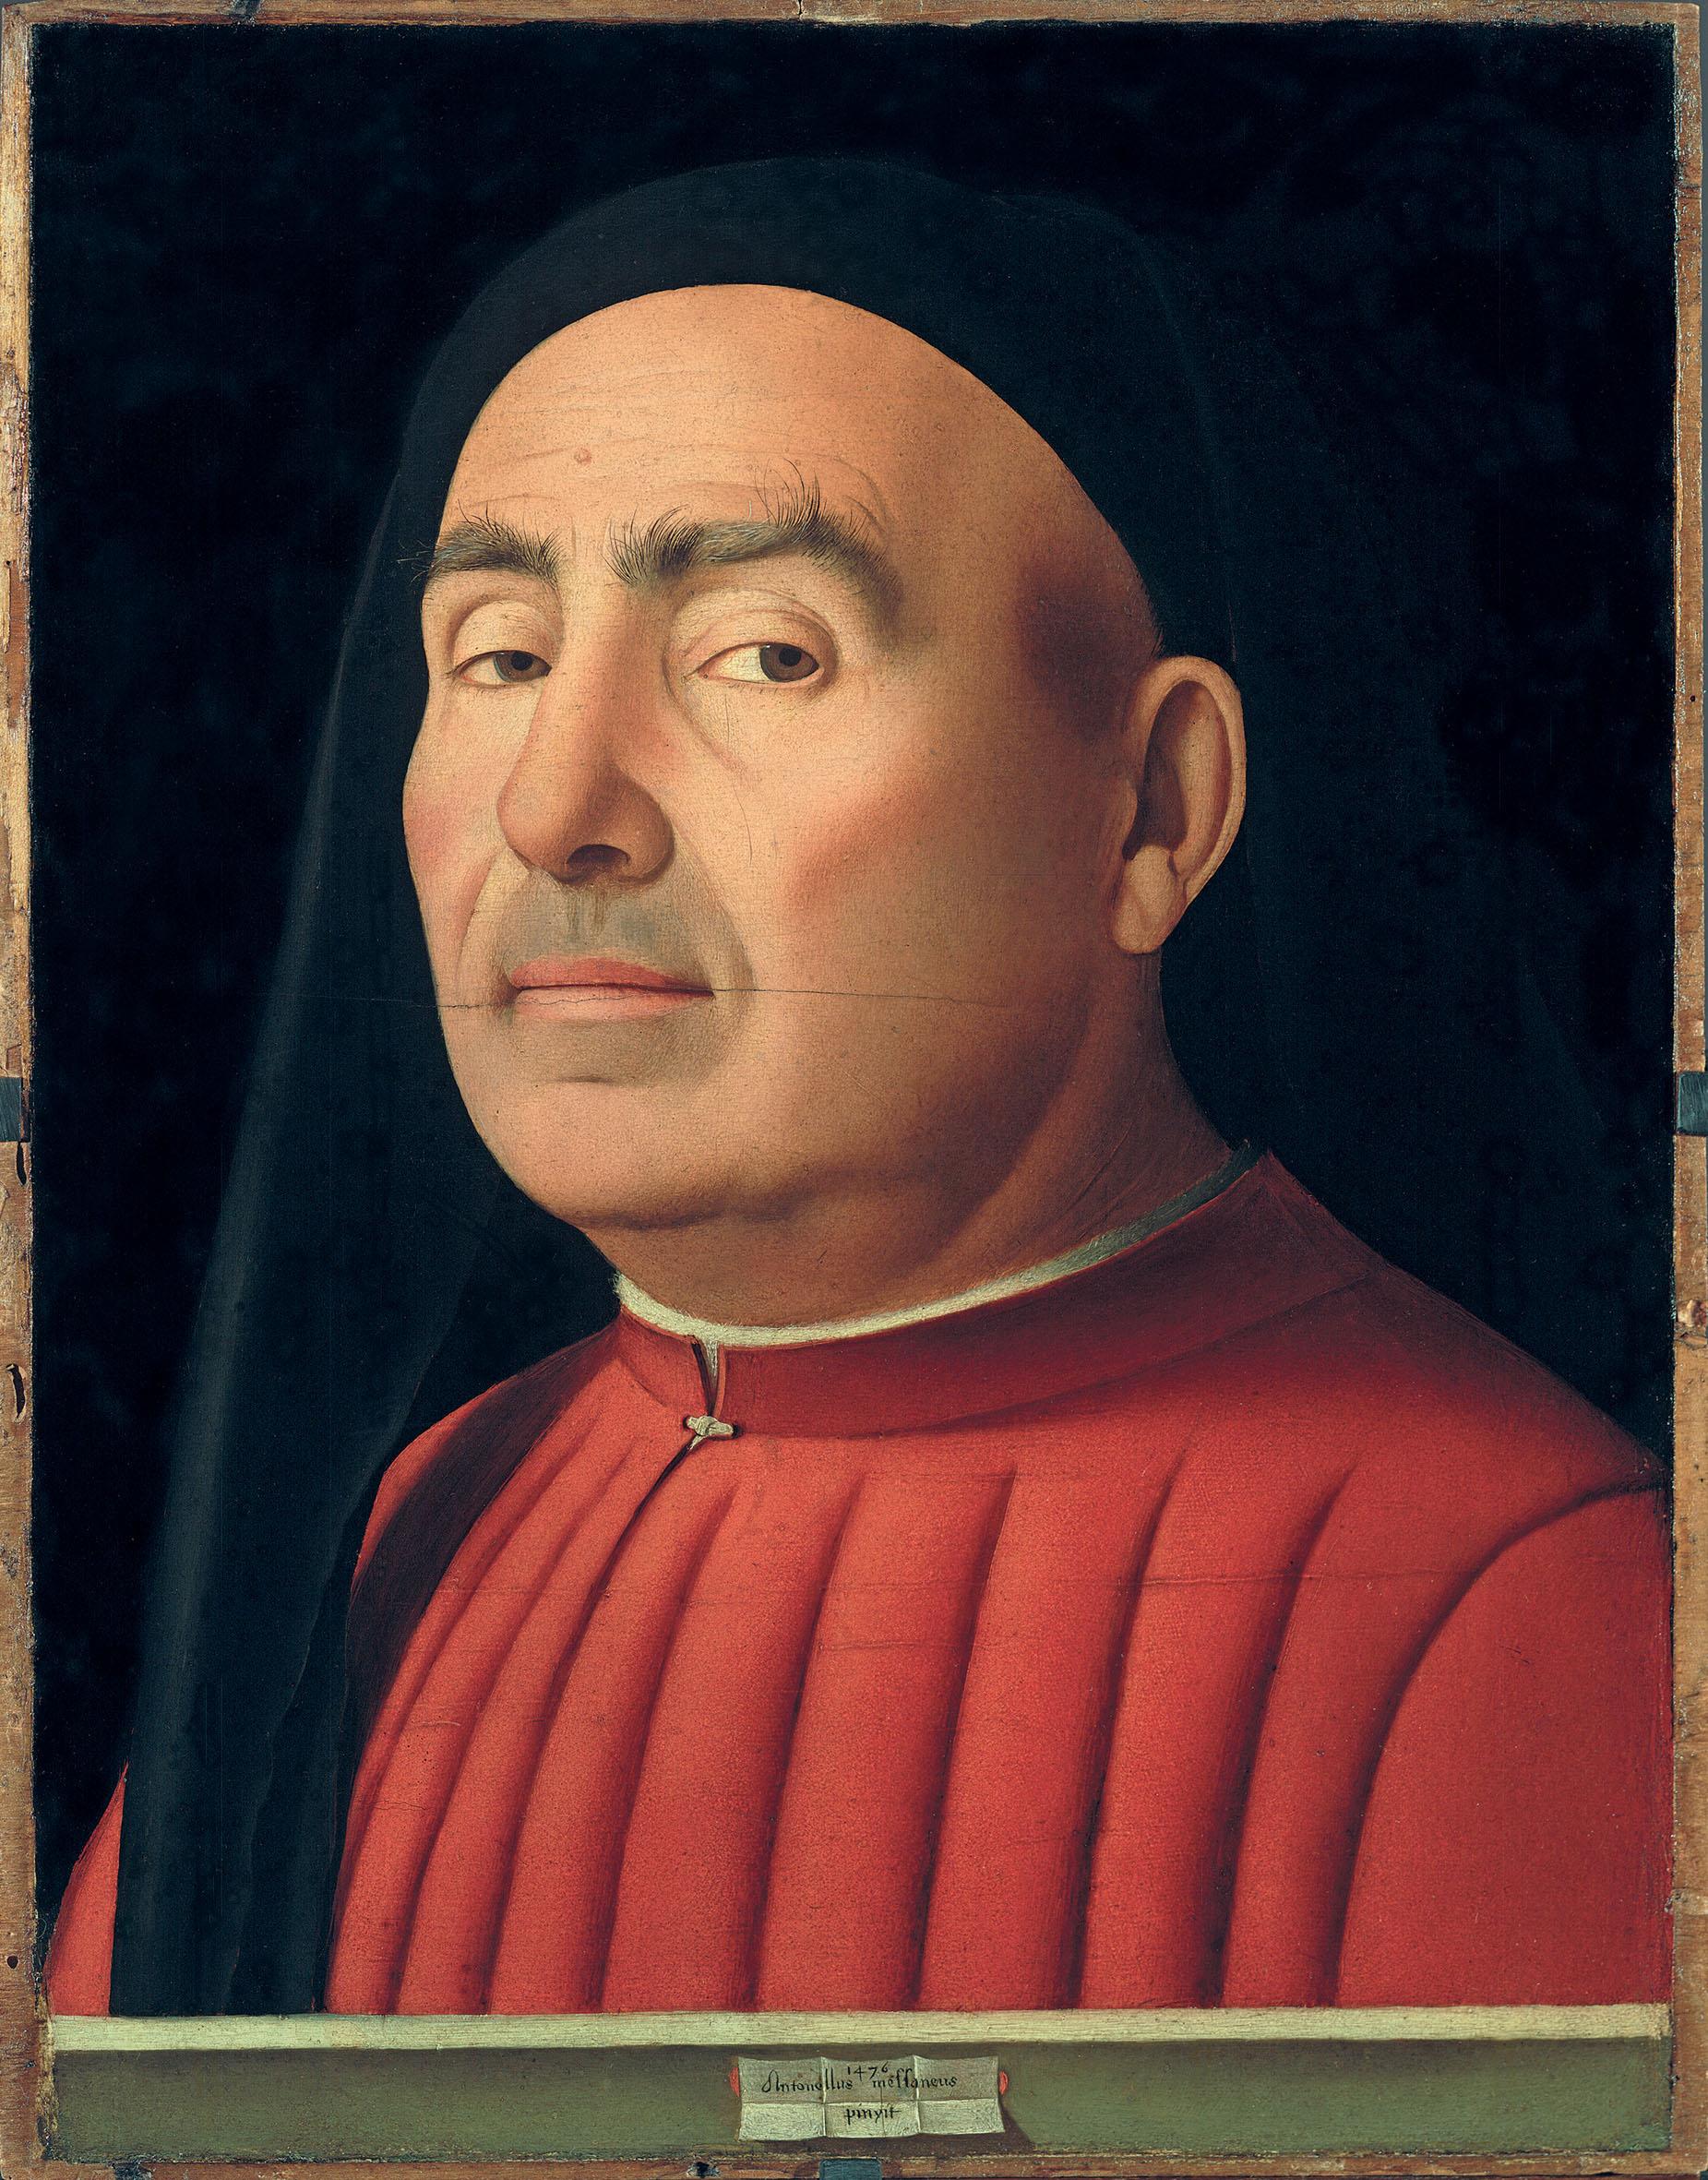 Antonello da Messina Ritratto d'uomo Palazzo Madama Torino